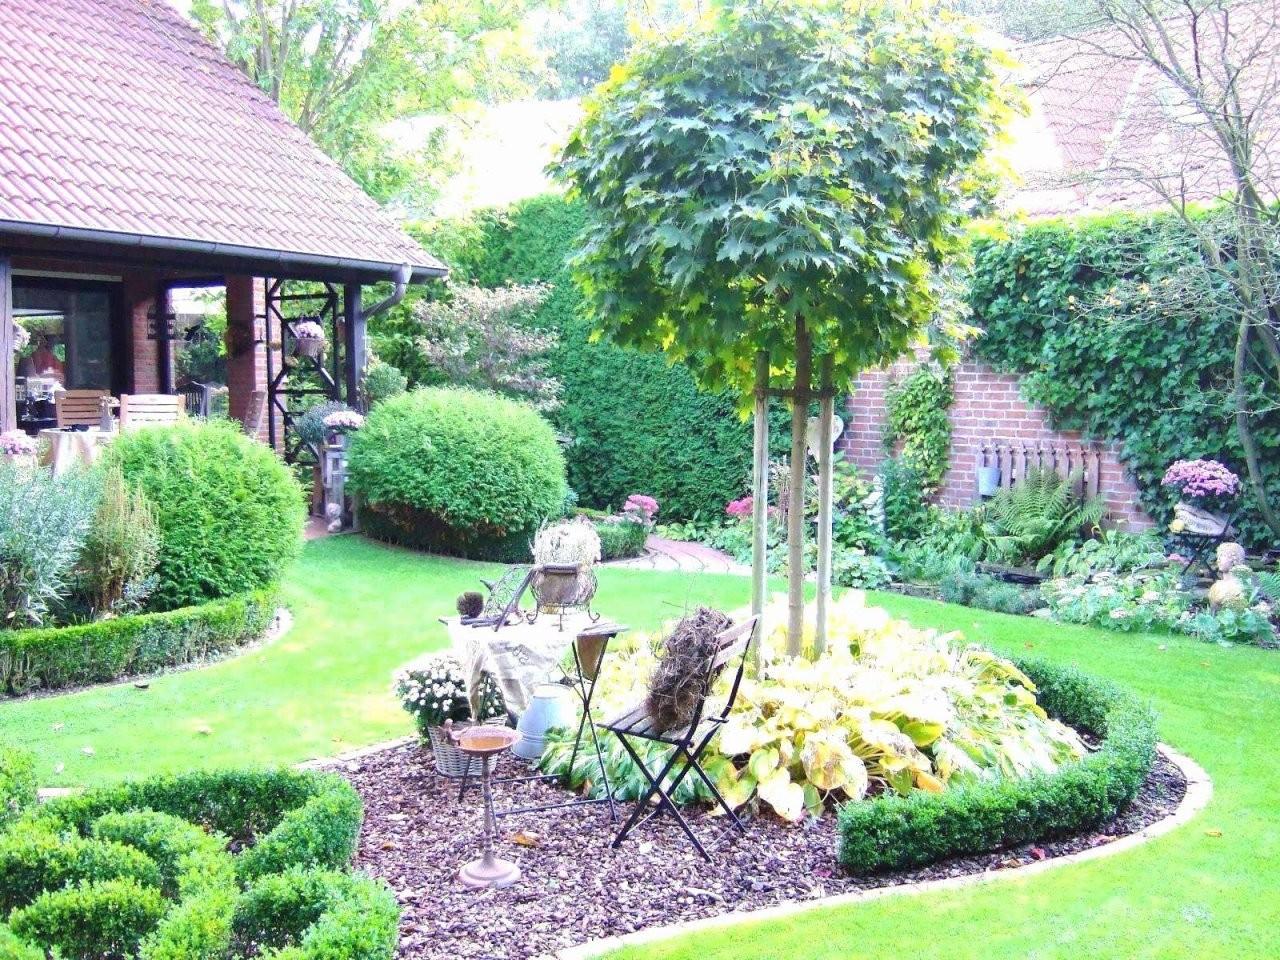 Garten Anlegen Pflegeleicht Neu Garten Mit Steinen Anlegen Genial von Garten Mit Steinen Gestalten Photo